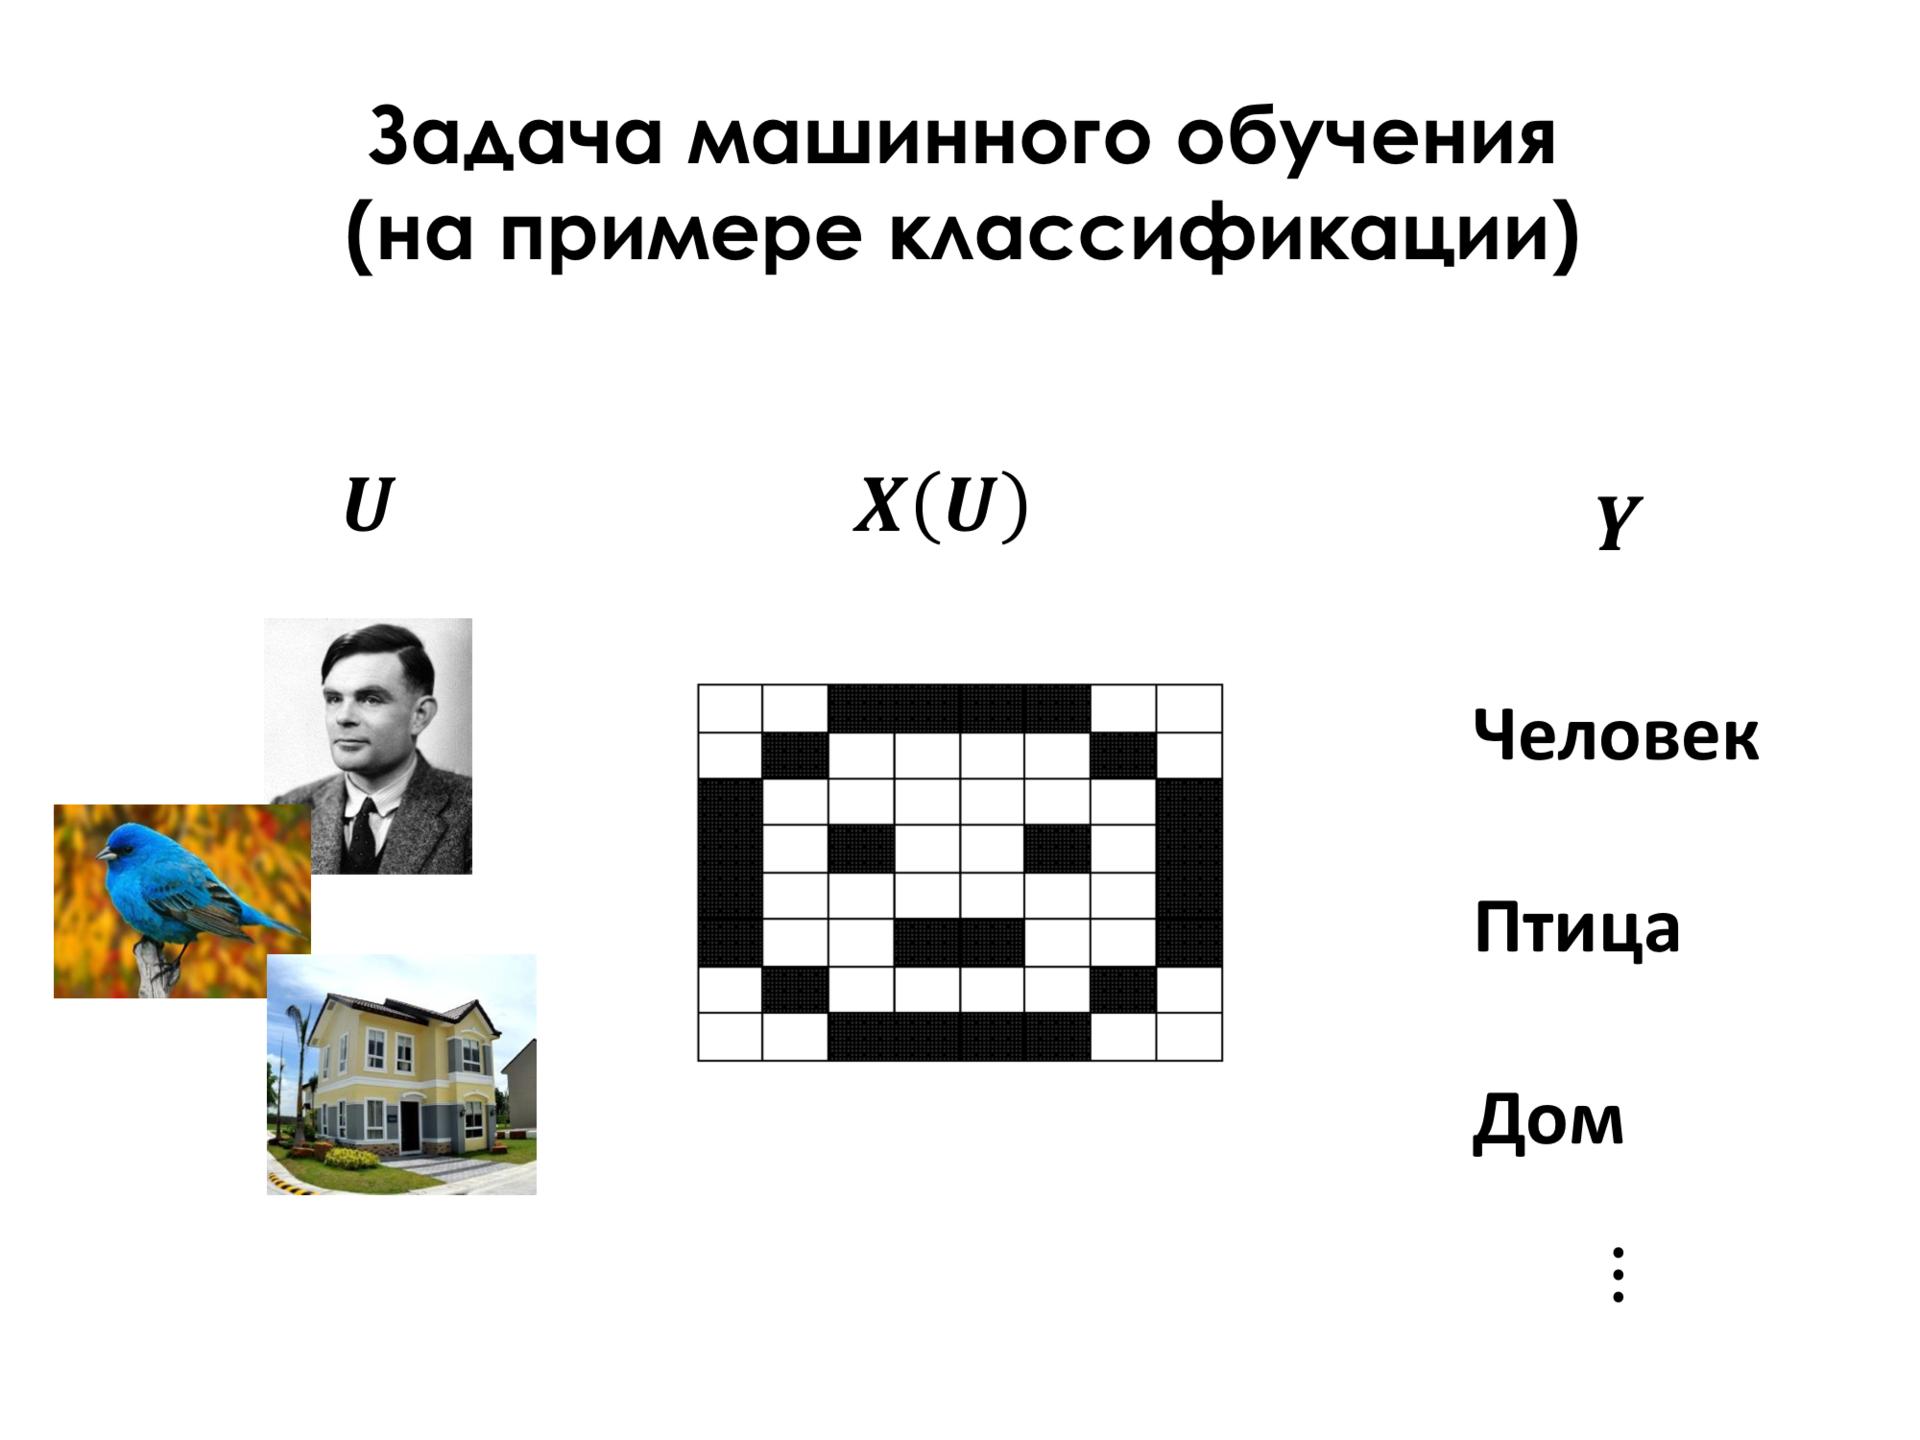 Самое главное о нейронных сетях. Лекция в Яндексе - 4